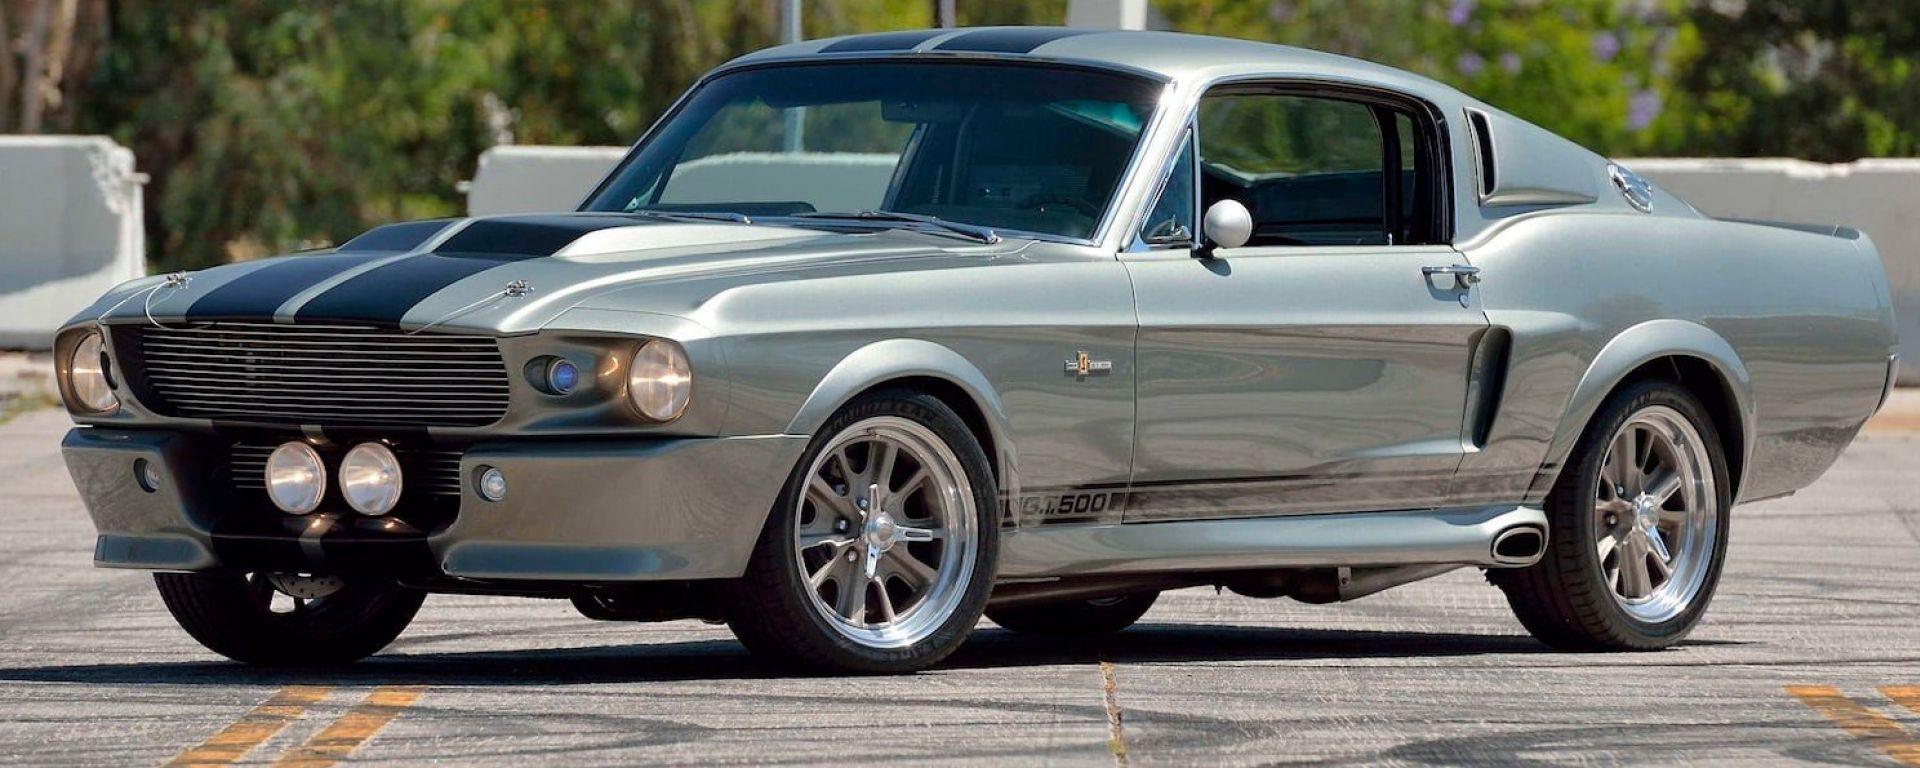 Ford Mustang Eleanor: in vendita l'auto di Fuori in 60 secondi